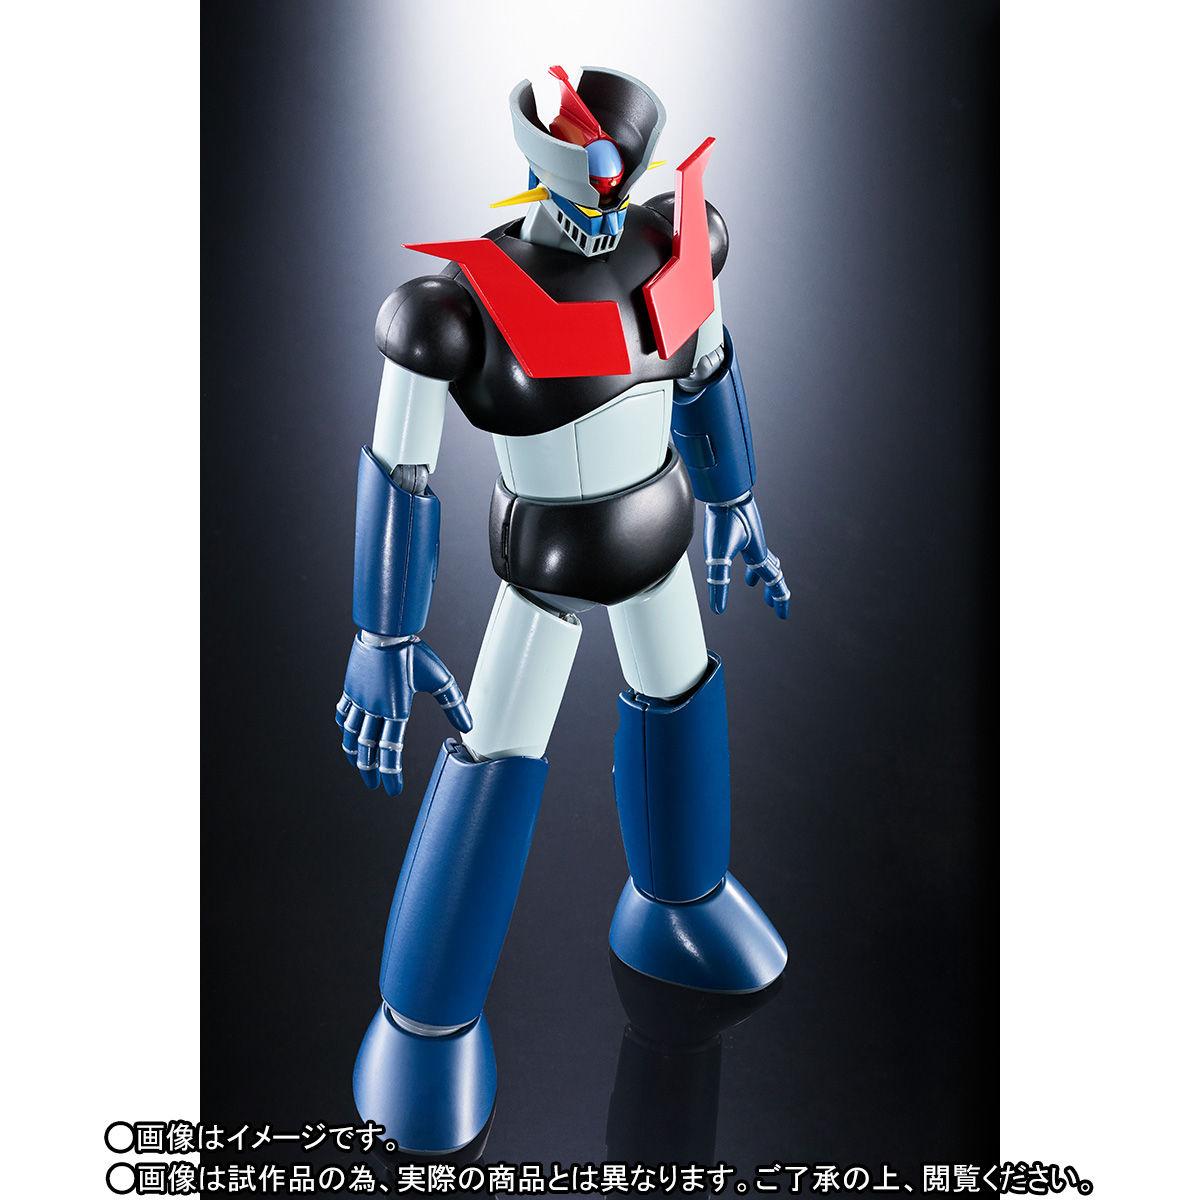 超合金魂 GX-70SP『マジンガーZ D.C. アニメカラーバージョン』可動フィギュア-008